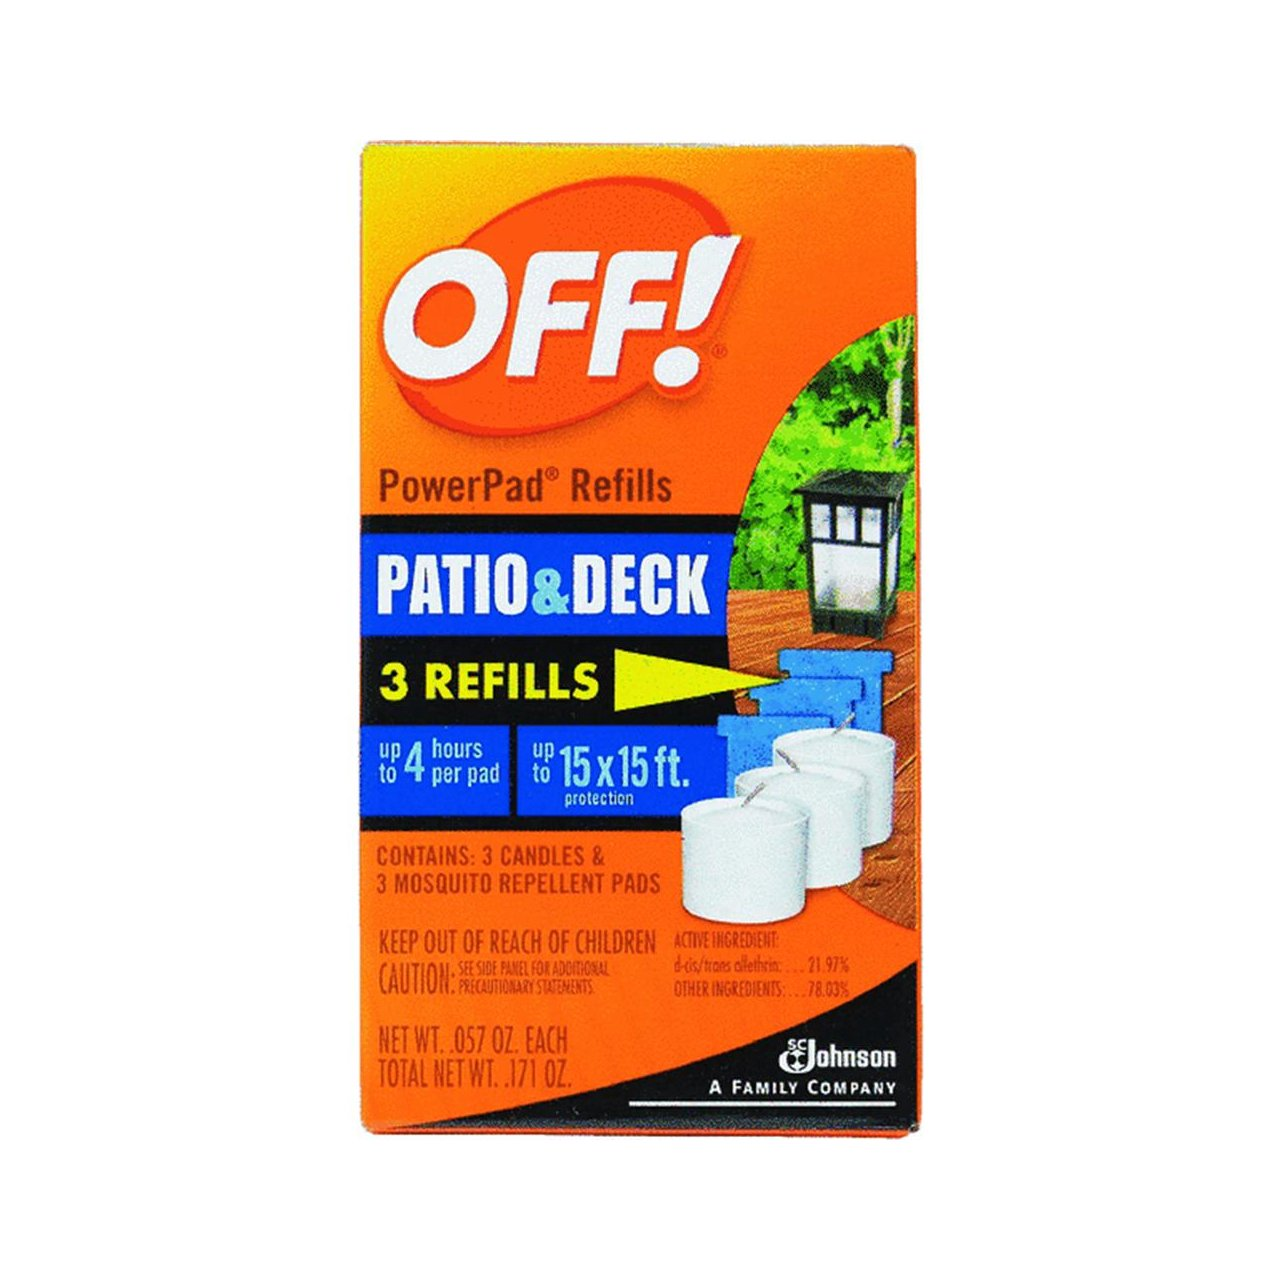 Amazon.com: OFF! Lamp/Lantern Refill 3 Units: Health & Personal Care